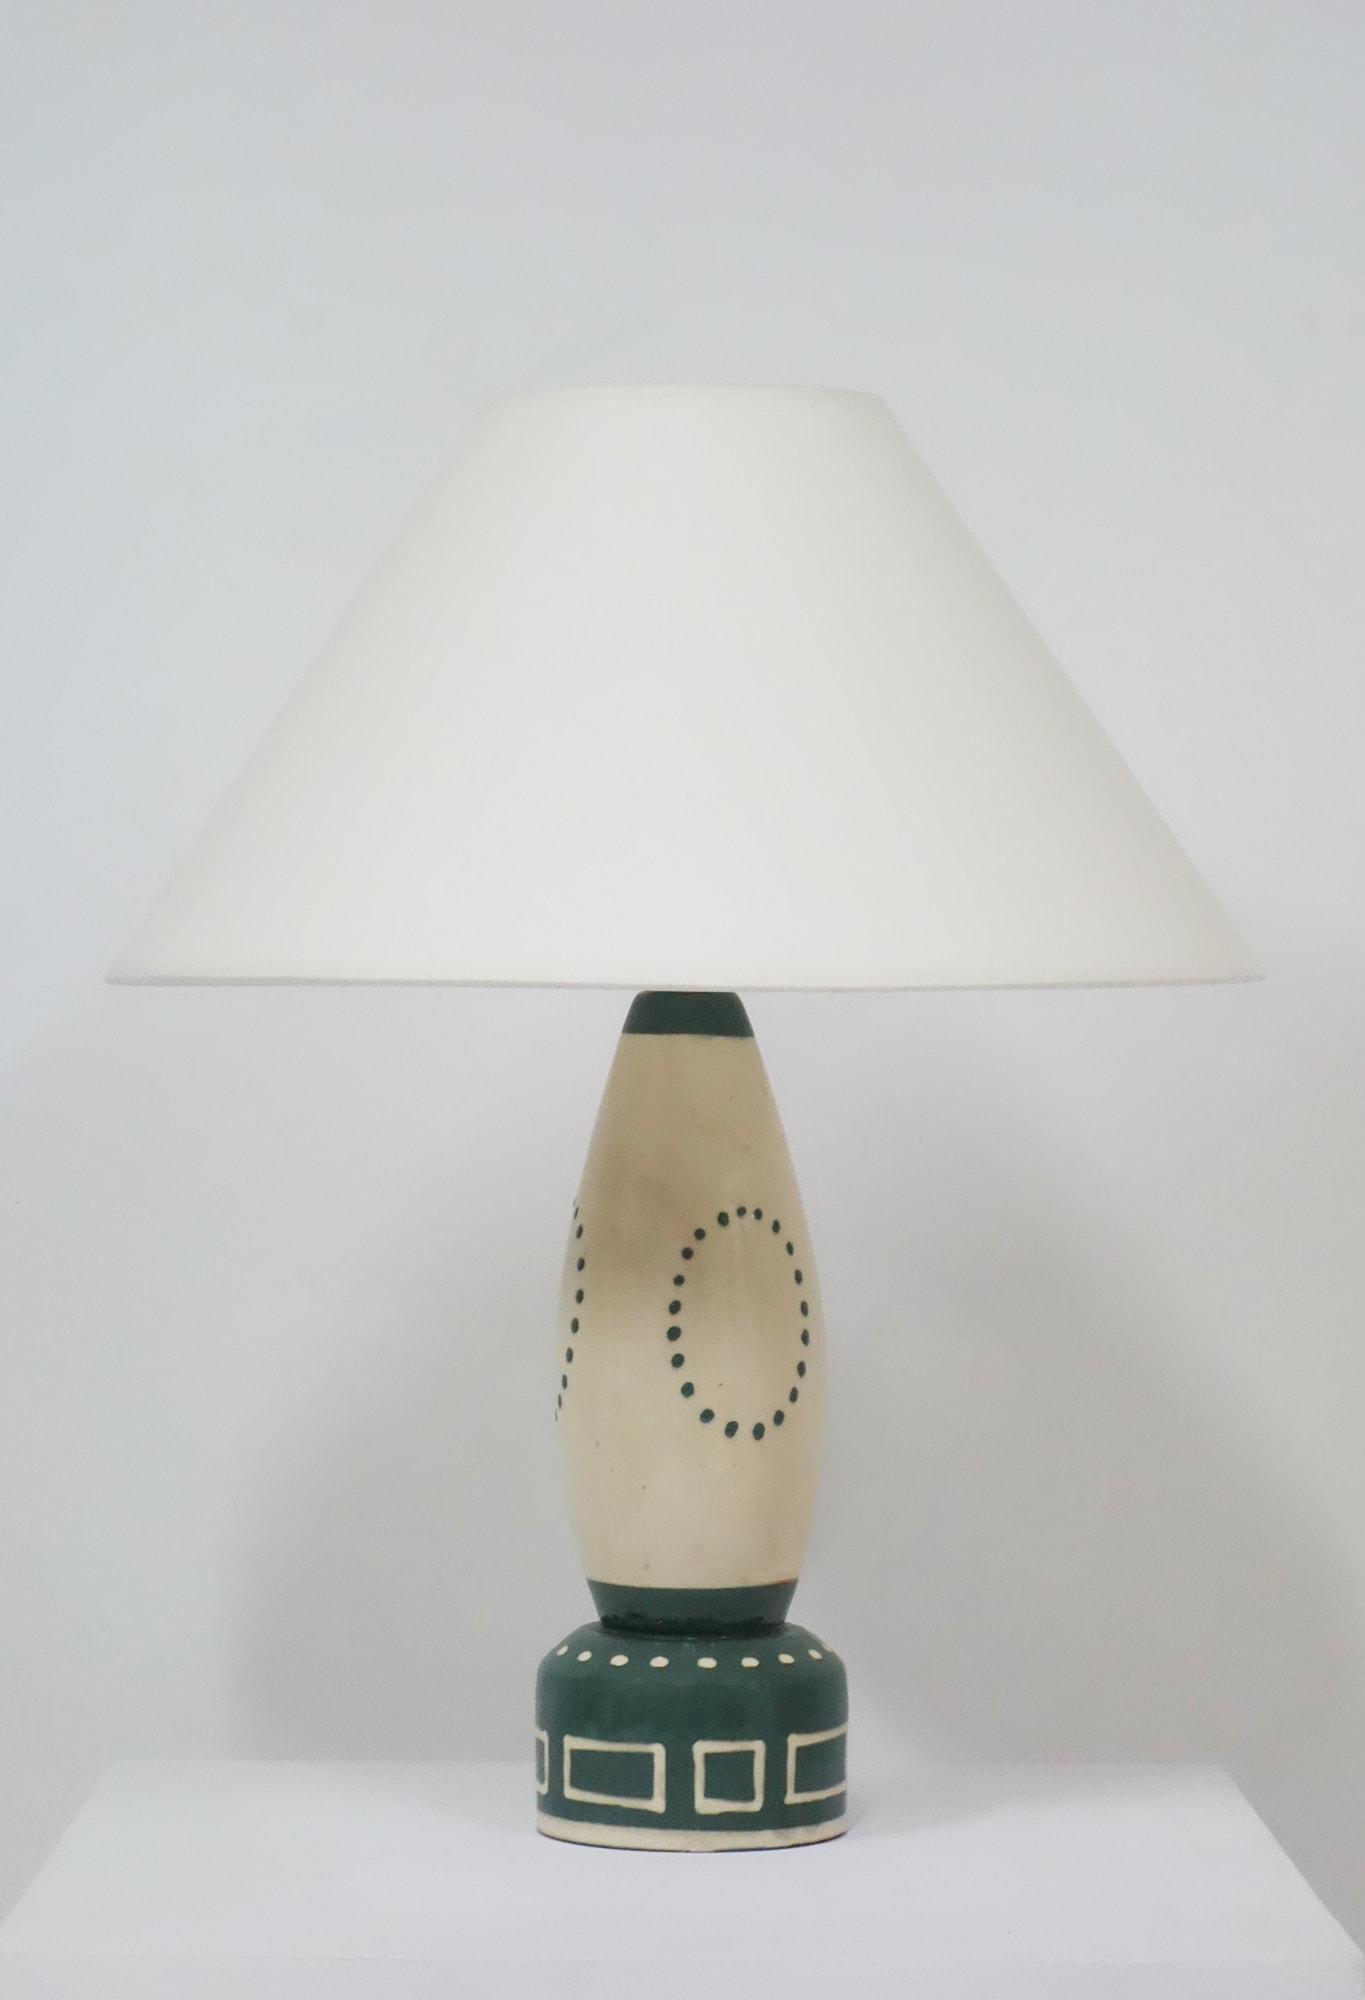 Francis Jourdain, Lampe à poser en céramique (vendue), vue 02